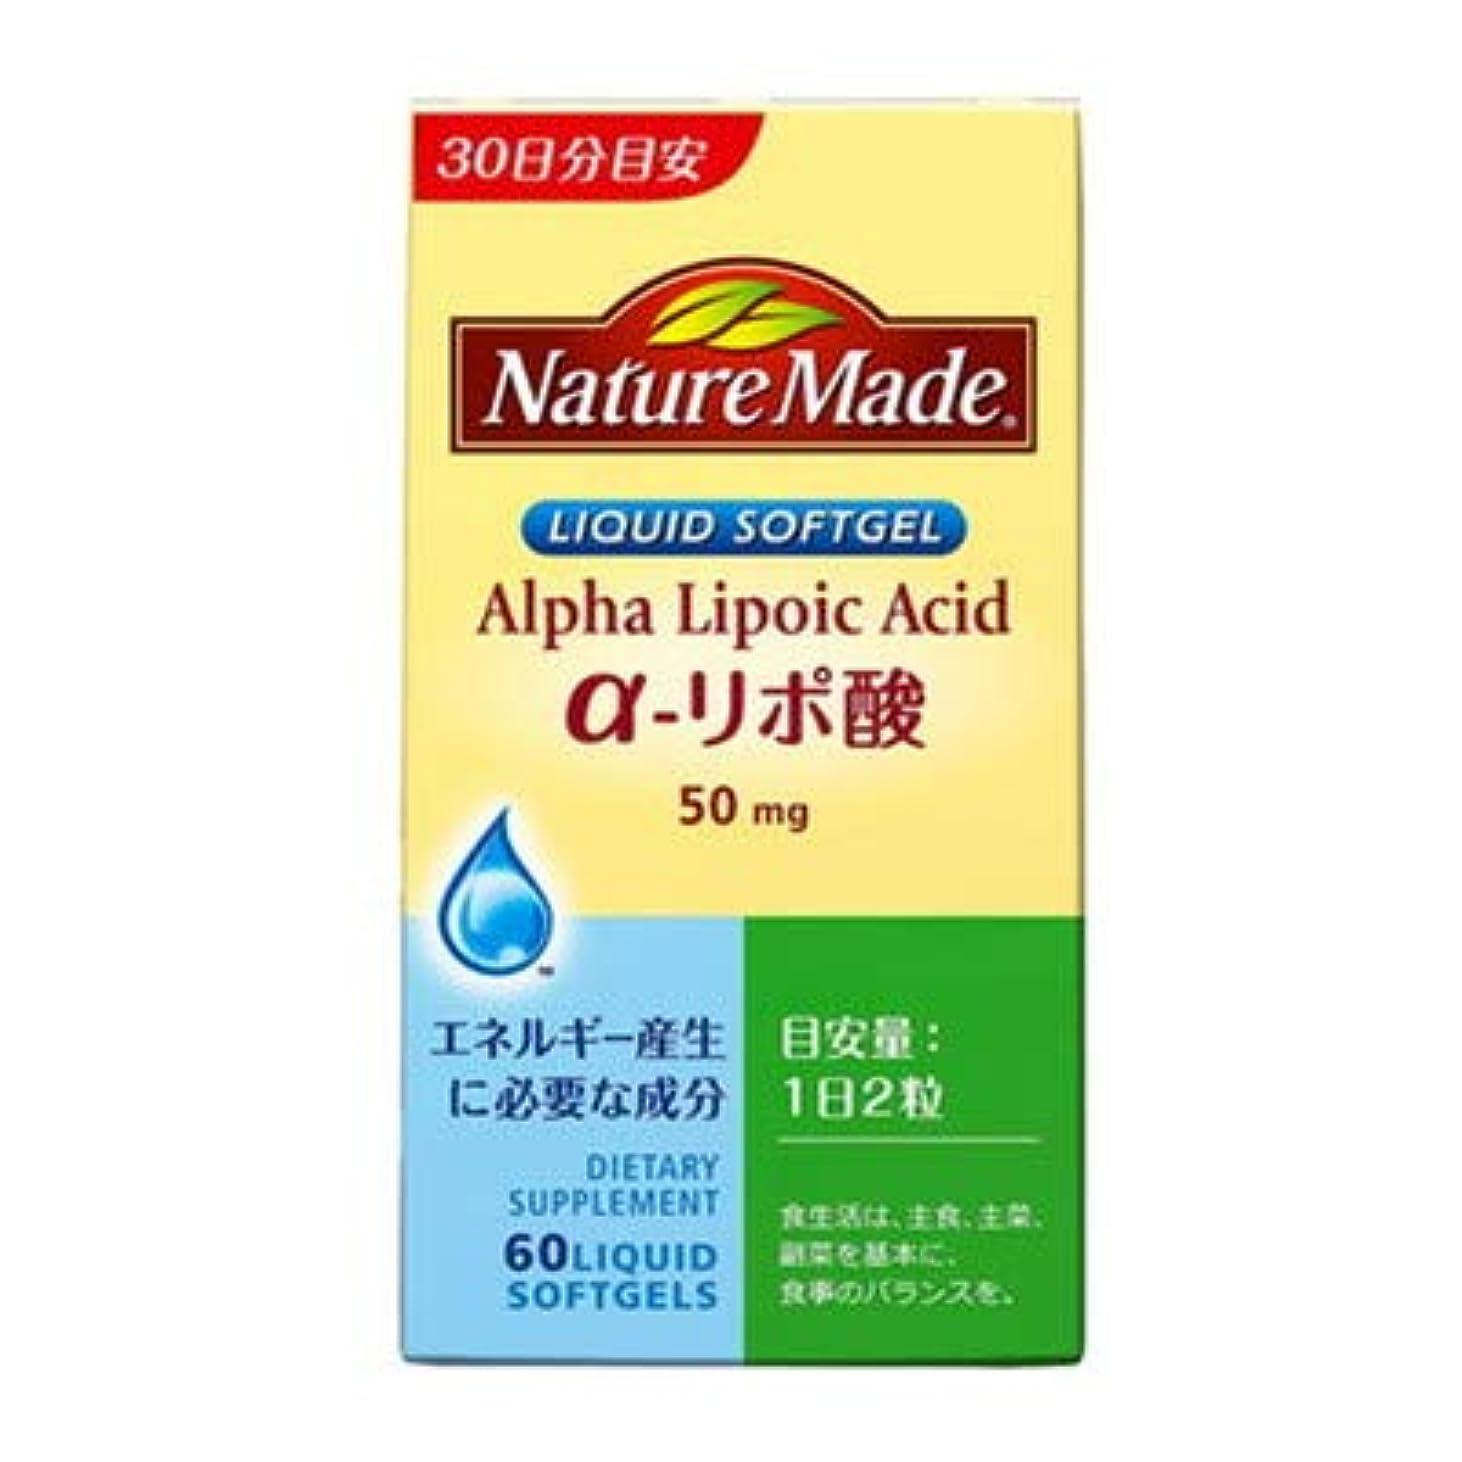 持ってる気分が良いチューリップネイチャーメイド α-リポ酸 60粒